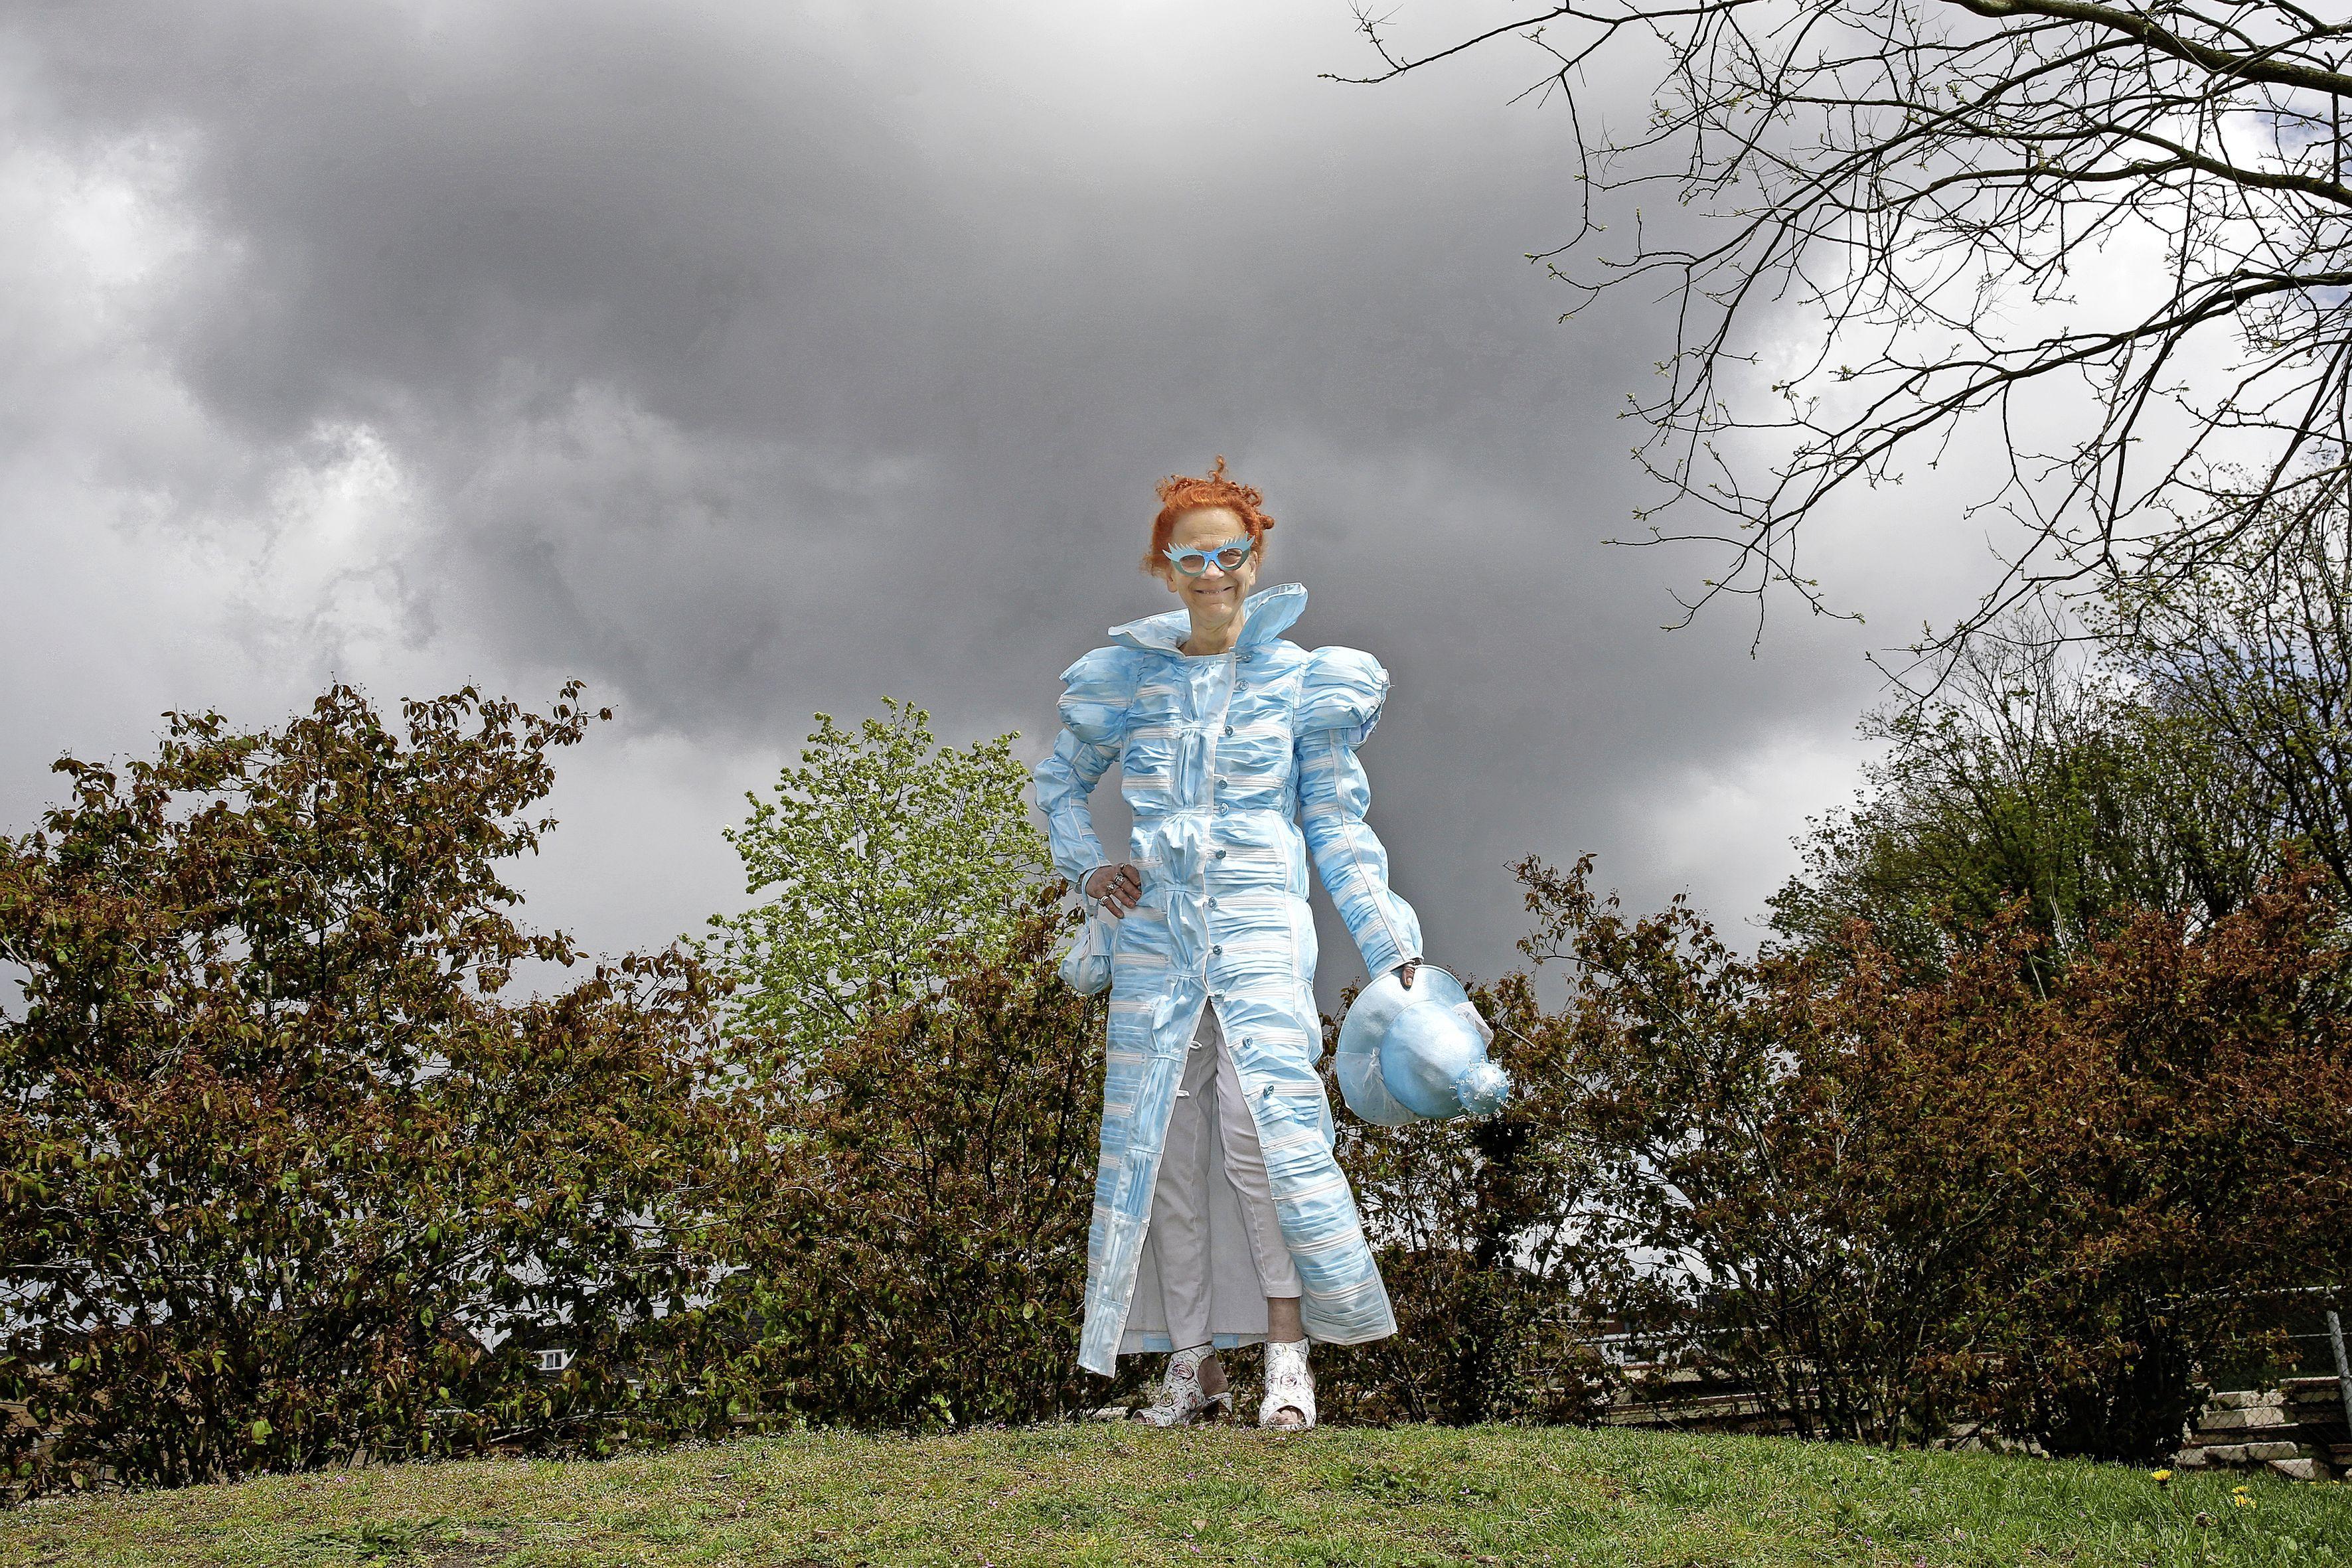 Een waanzinnige jurk gemaakt van 191 mondkapjes. Hoe verzin je het? Hilversumse Judith verandert in betoverende sprookjesprinses als ze haar coronacreatie aantrekt. 'Ik wil mensen vrolijk maken'